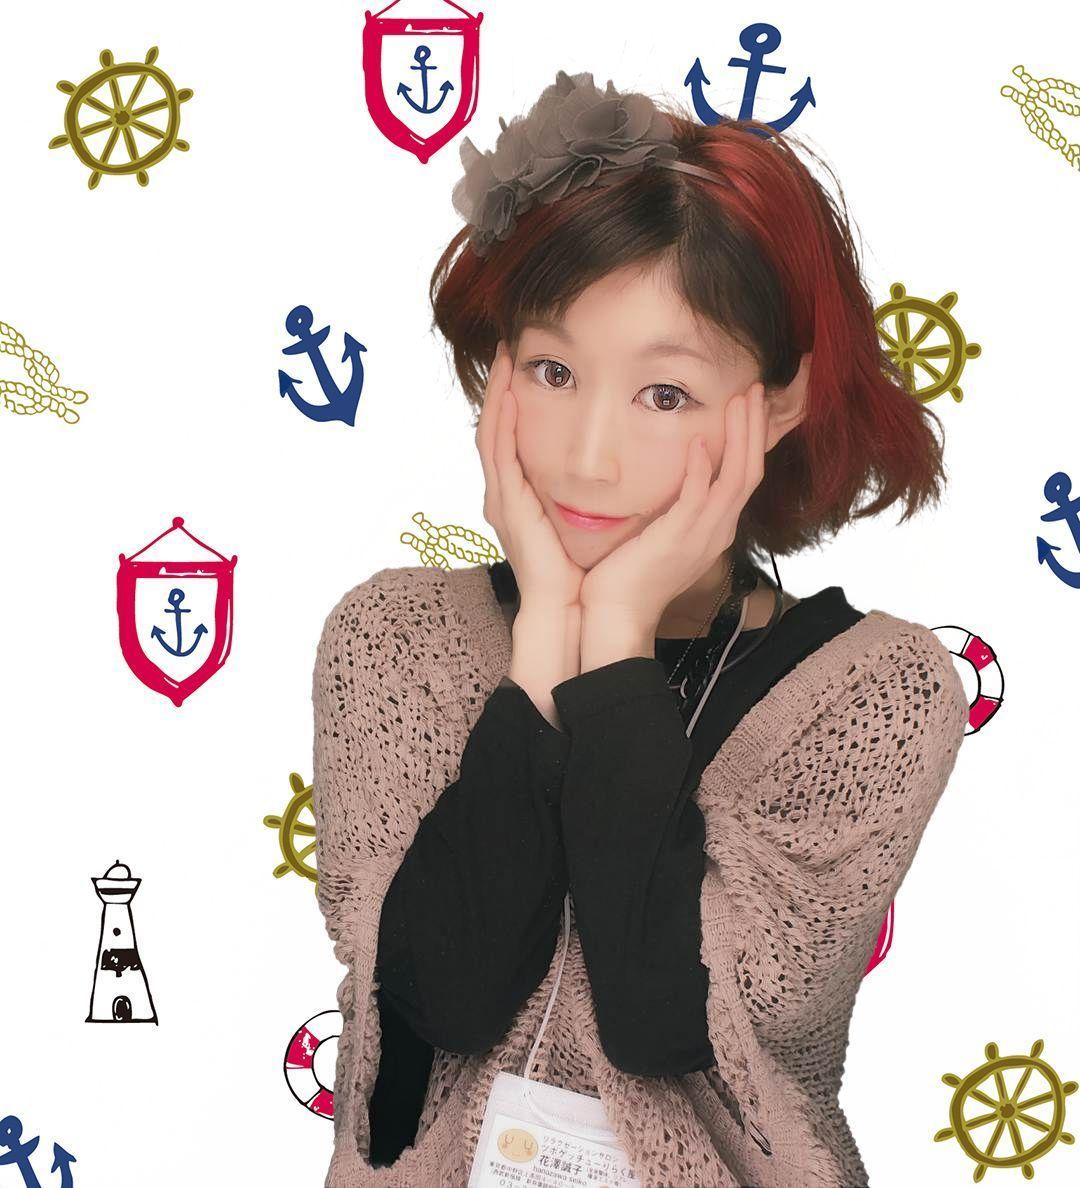 f0115484_22264591.jpg